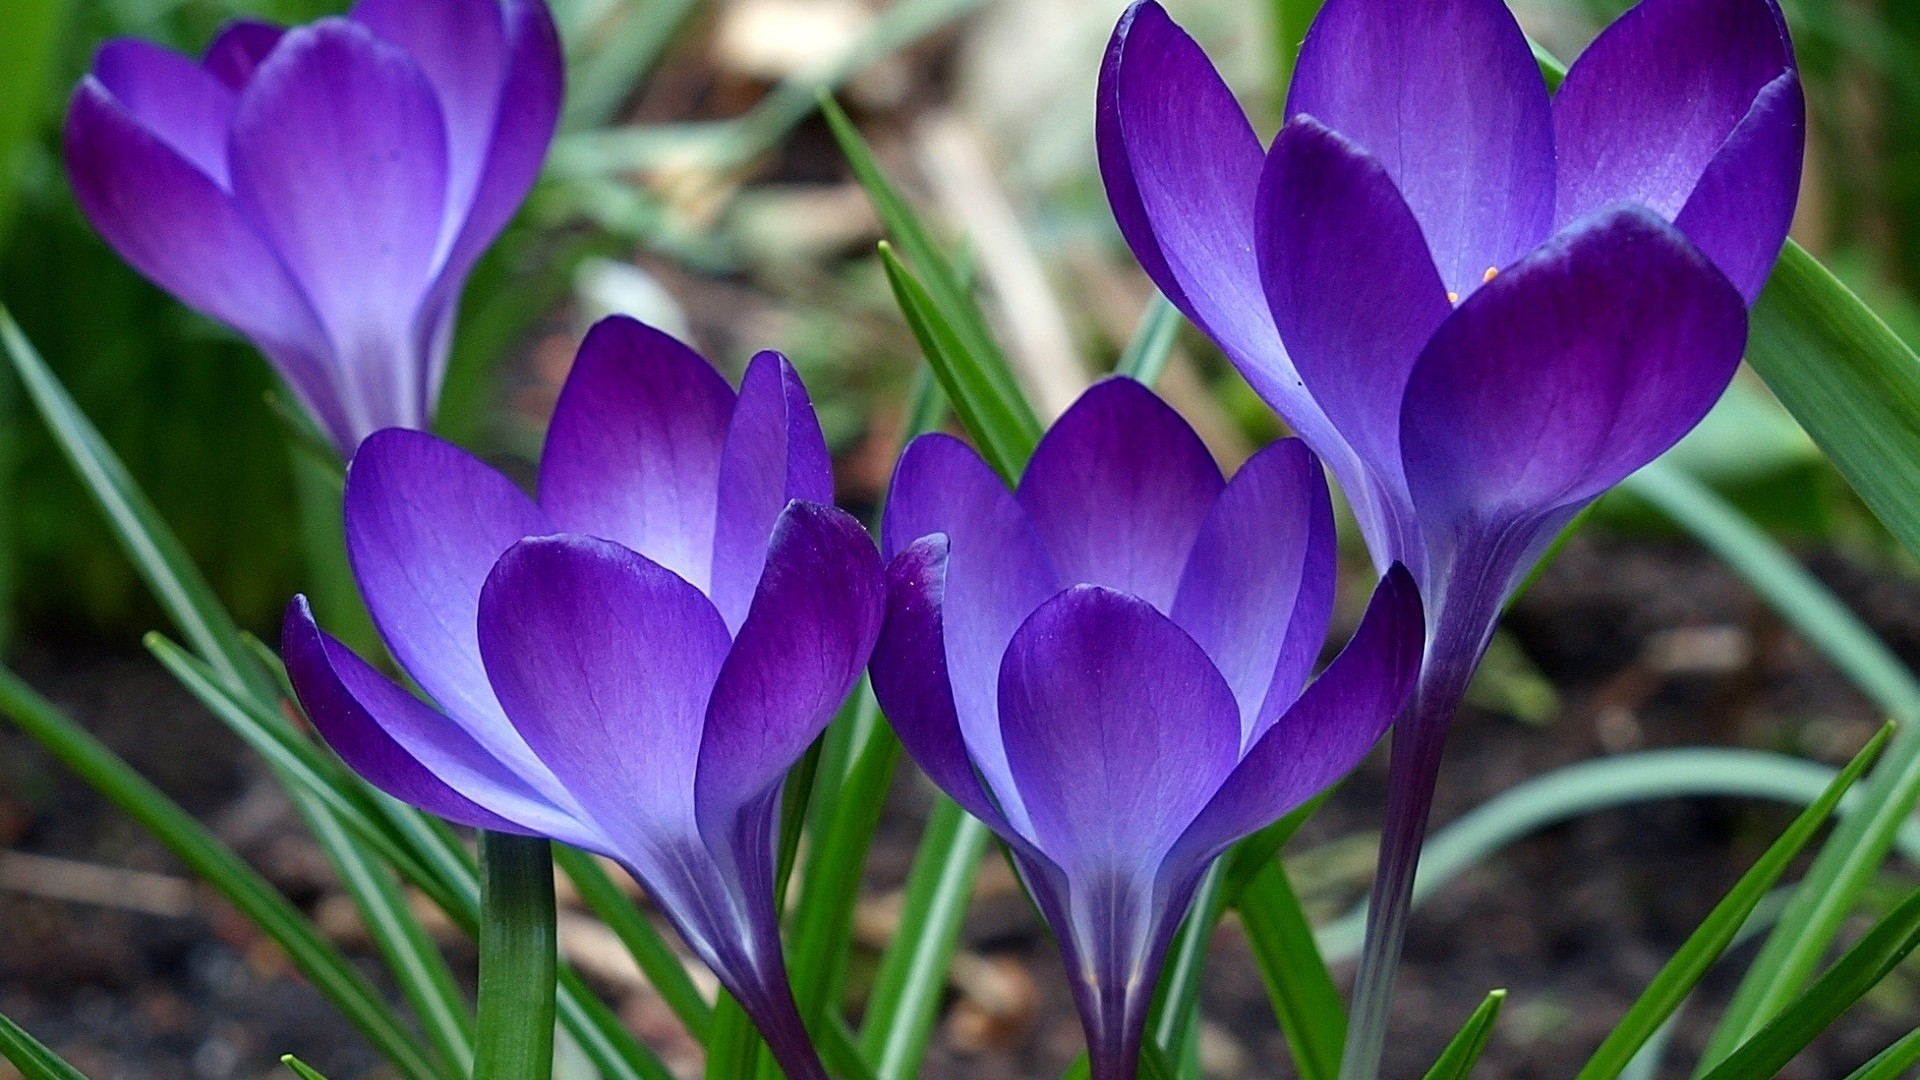 Preview wallpaper purple, green, flowers, grass 1920×1080